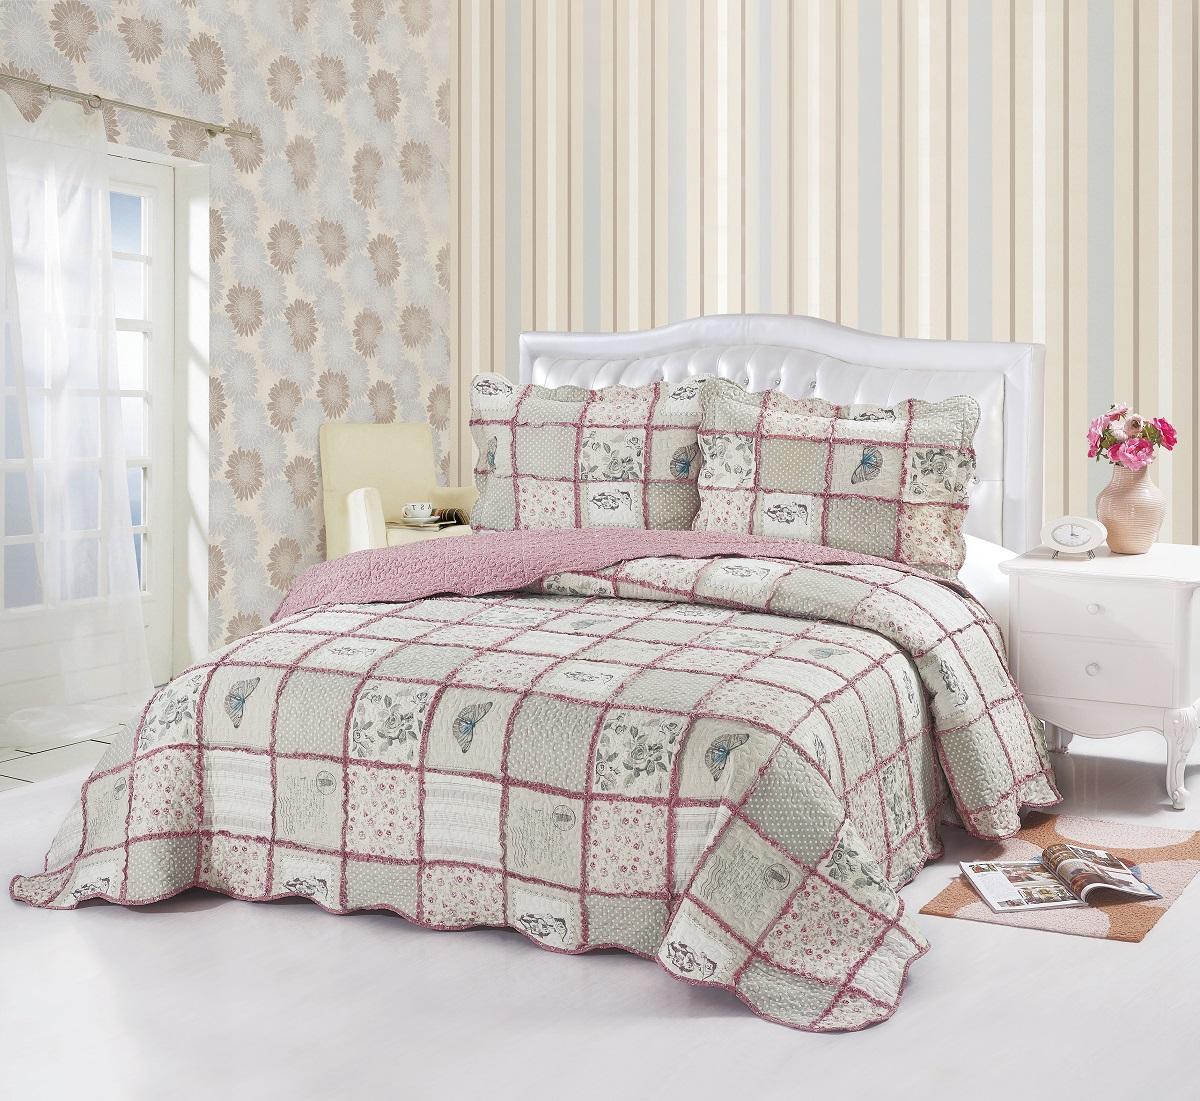 Комплект для спальни Karna Modalin. Пэчворк: покрывало 230 х 250 см, 2 наволочки 50 х 70 см, цвет: розовый, серыйA3964LM-8WHИзысканный комплект Karna Modalin. Пэчворк прекрасно оформит интерьер спальни или гостиной. Комплект состоит из двухстороннего покрывала и 2наволочек. Изделия изготовлены из микрофибры. Постельные комплекты Karna уникальны, так как они практичны и универсальны в использовании. Материал хорошо сохраняет окраску и форму. Изделия долговечны, надежны и легко стираются.Комплект Karna не только подарит тепло, но и гармонично впишется в интерьер вашего дома. Размер покрывала: 230 х 250 см.Размер наволочки: 50 х 70 см.